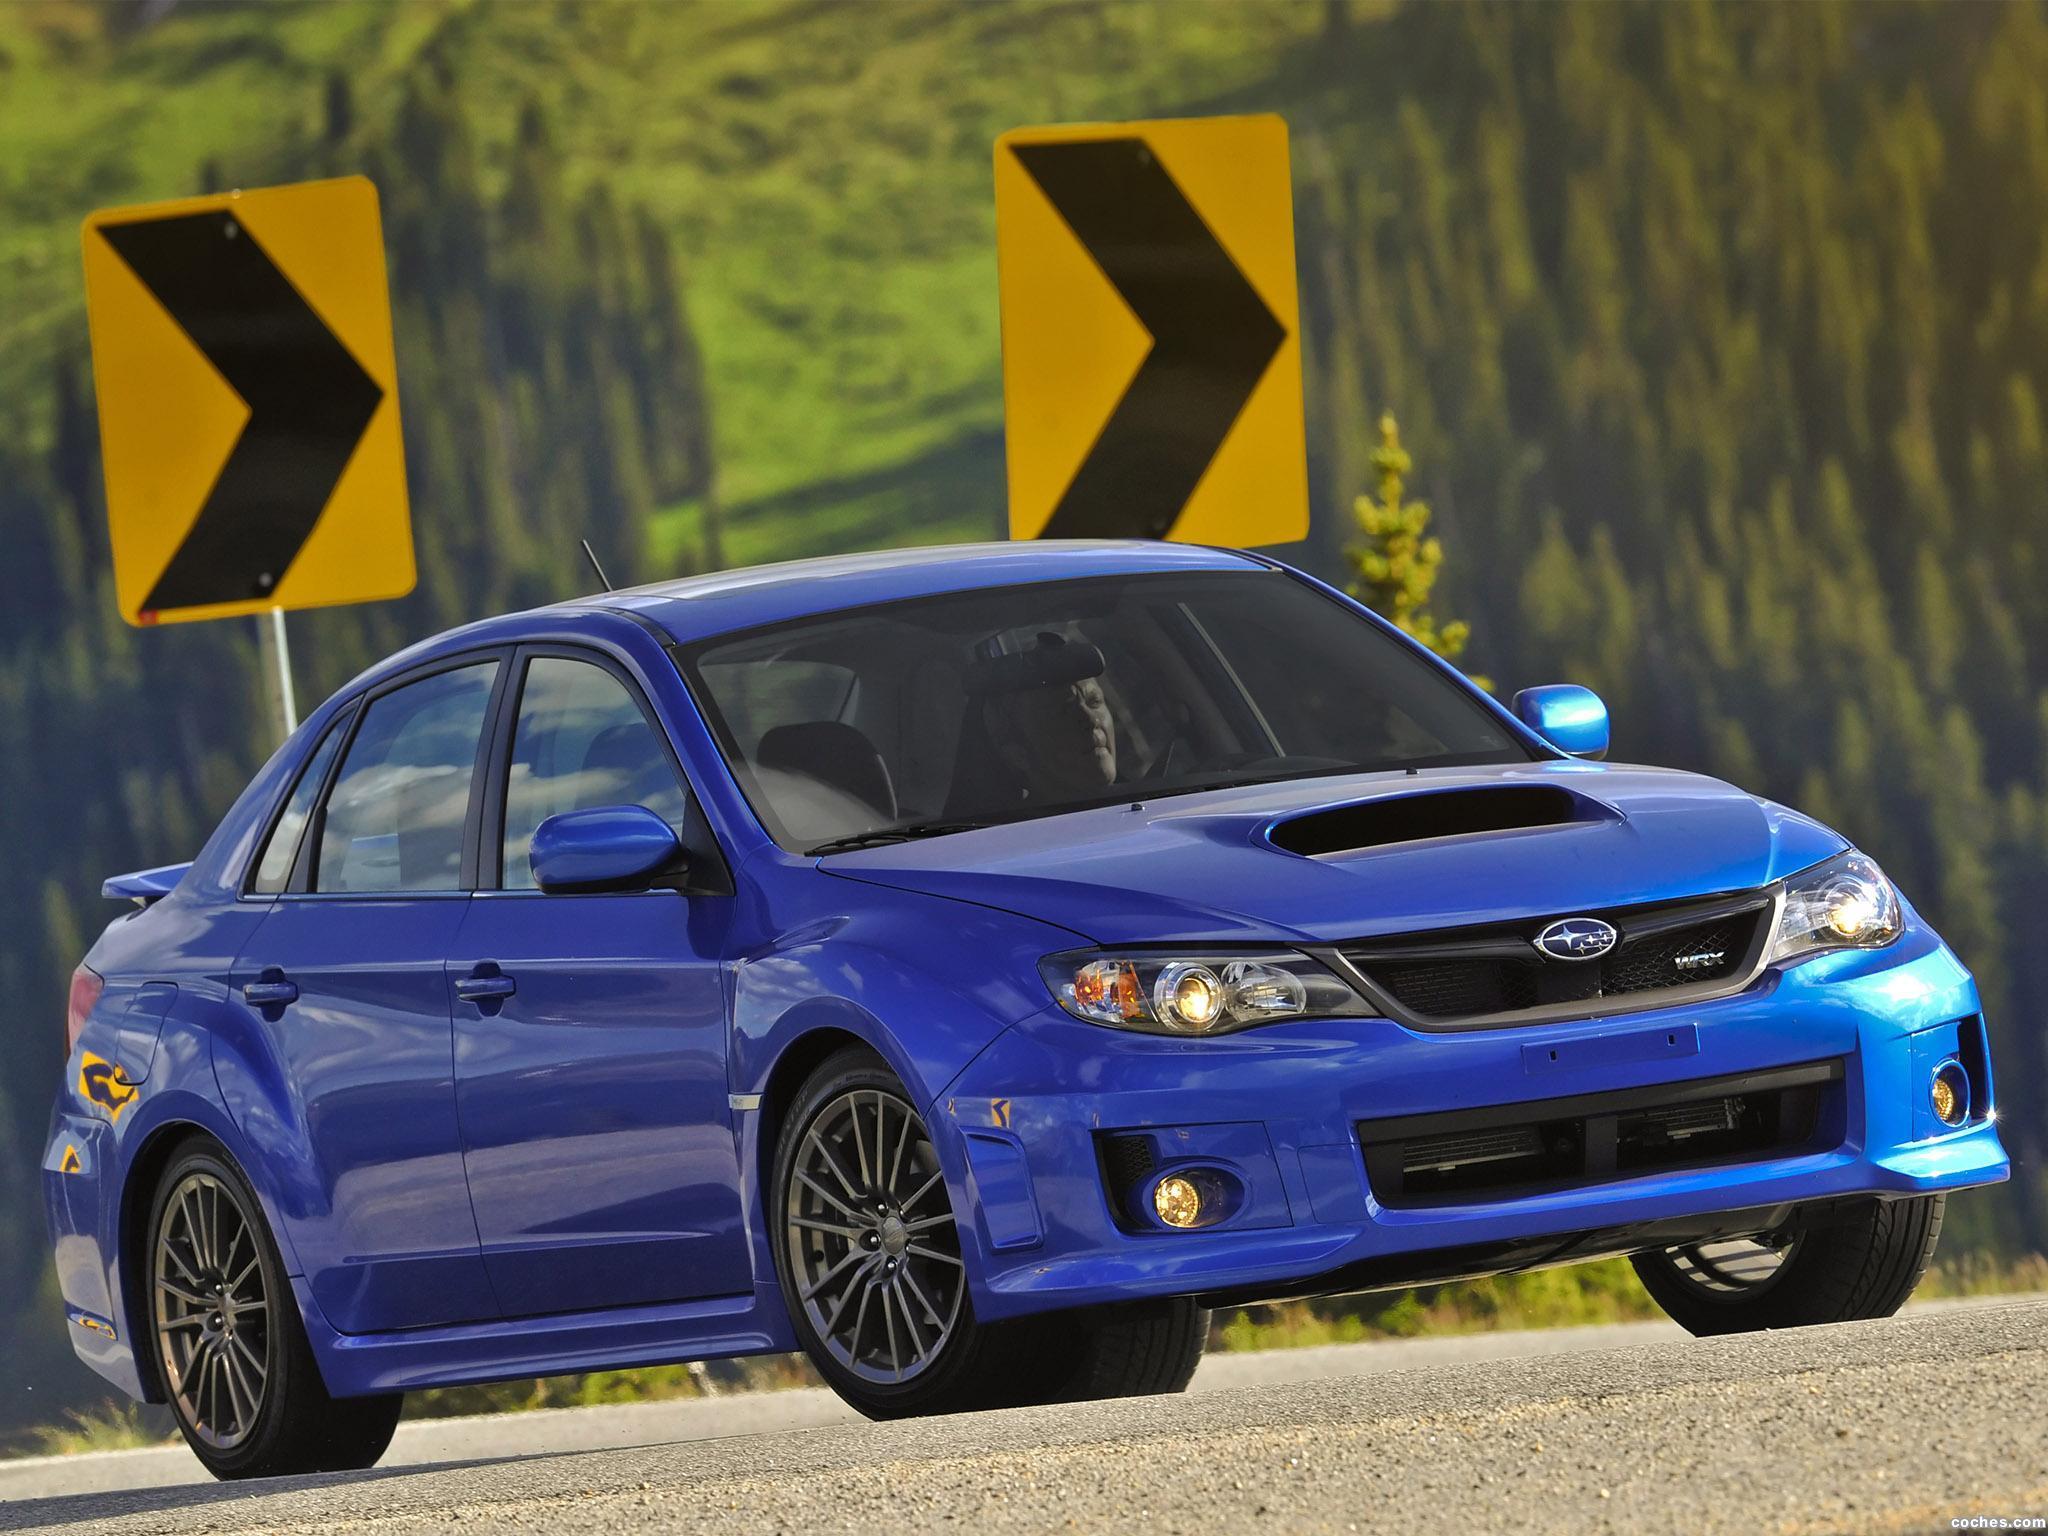 Foto 7 de Subaru Impreza WRX Sedan USA 2010